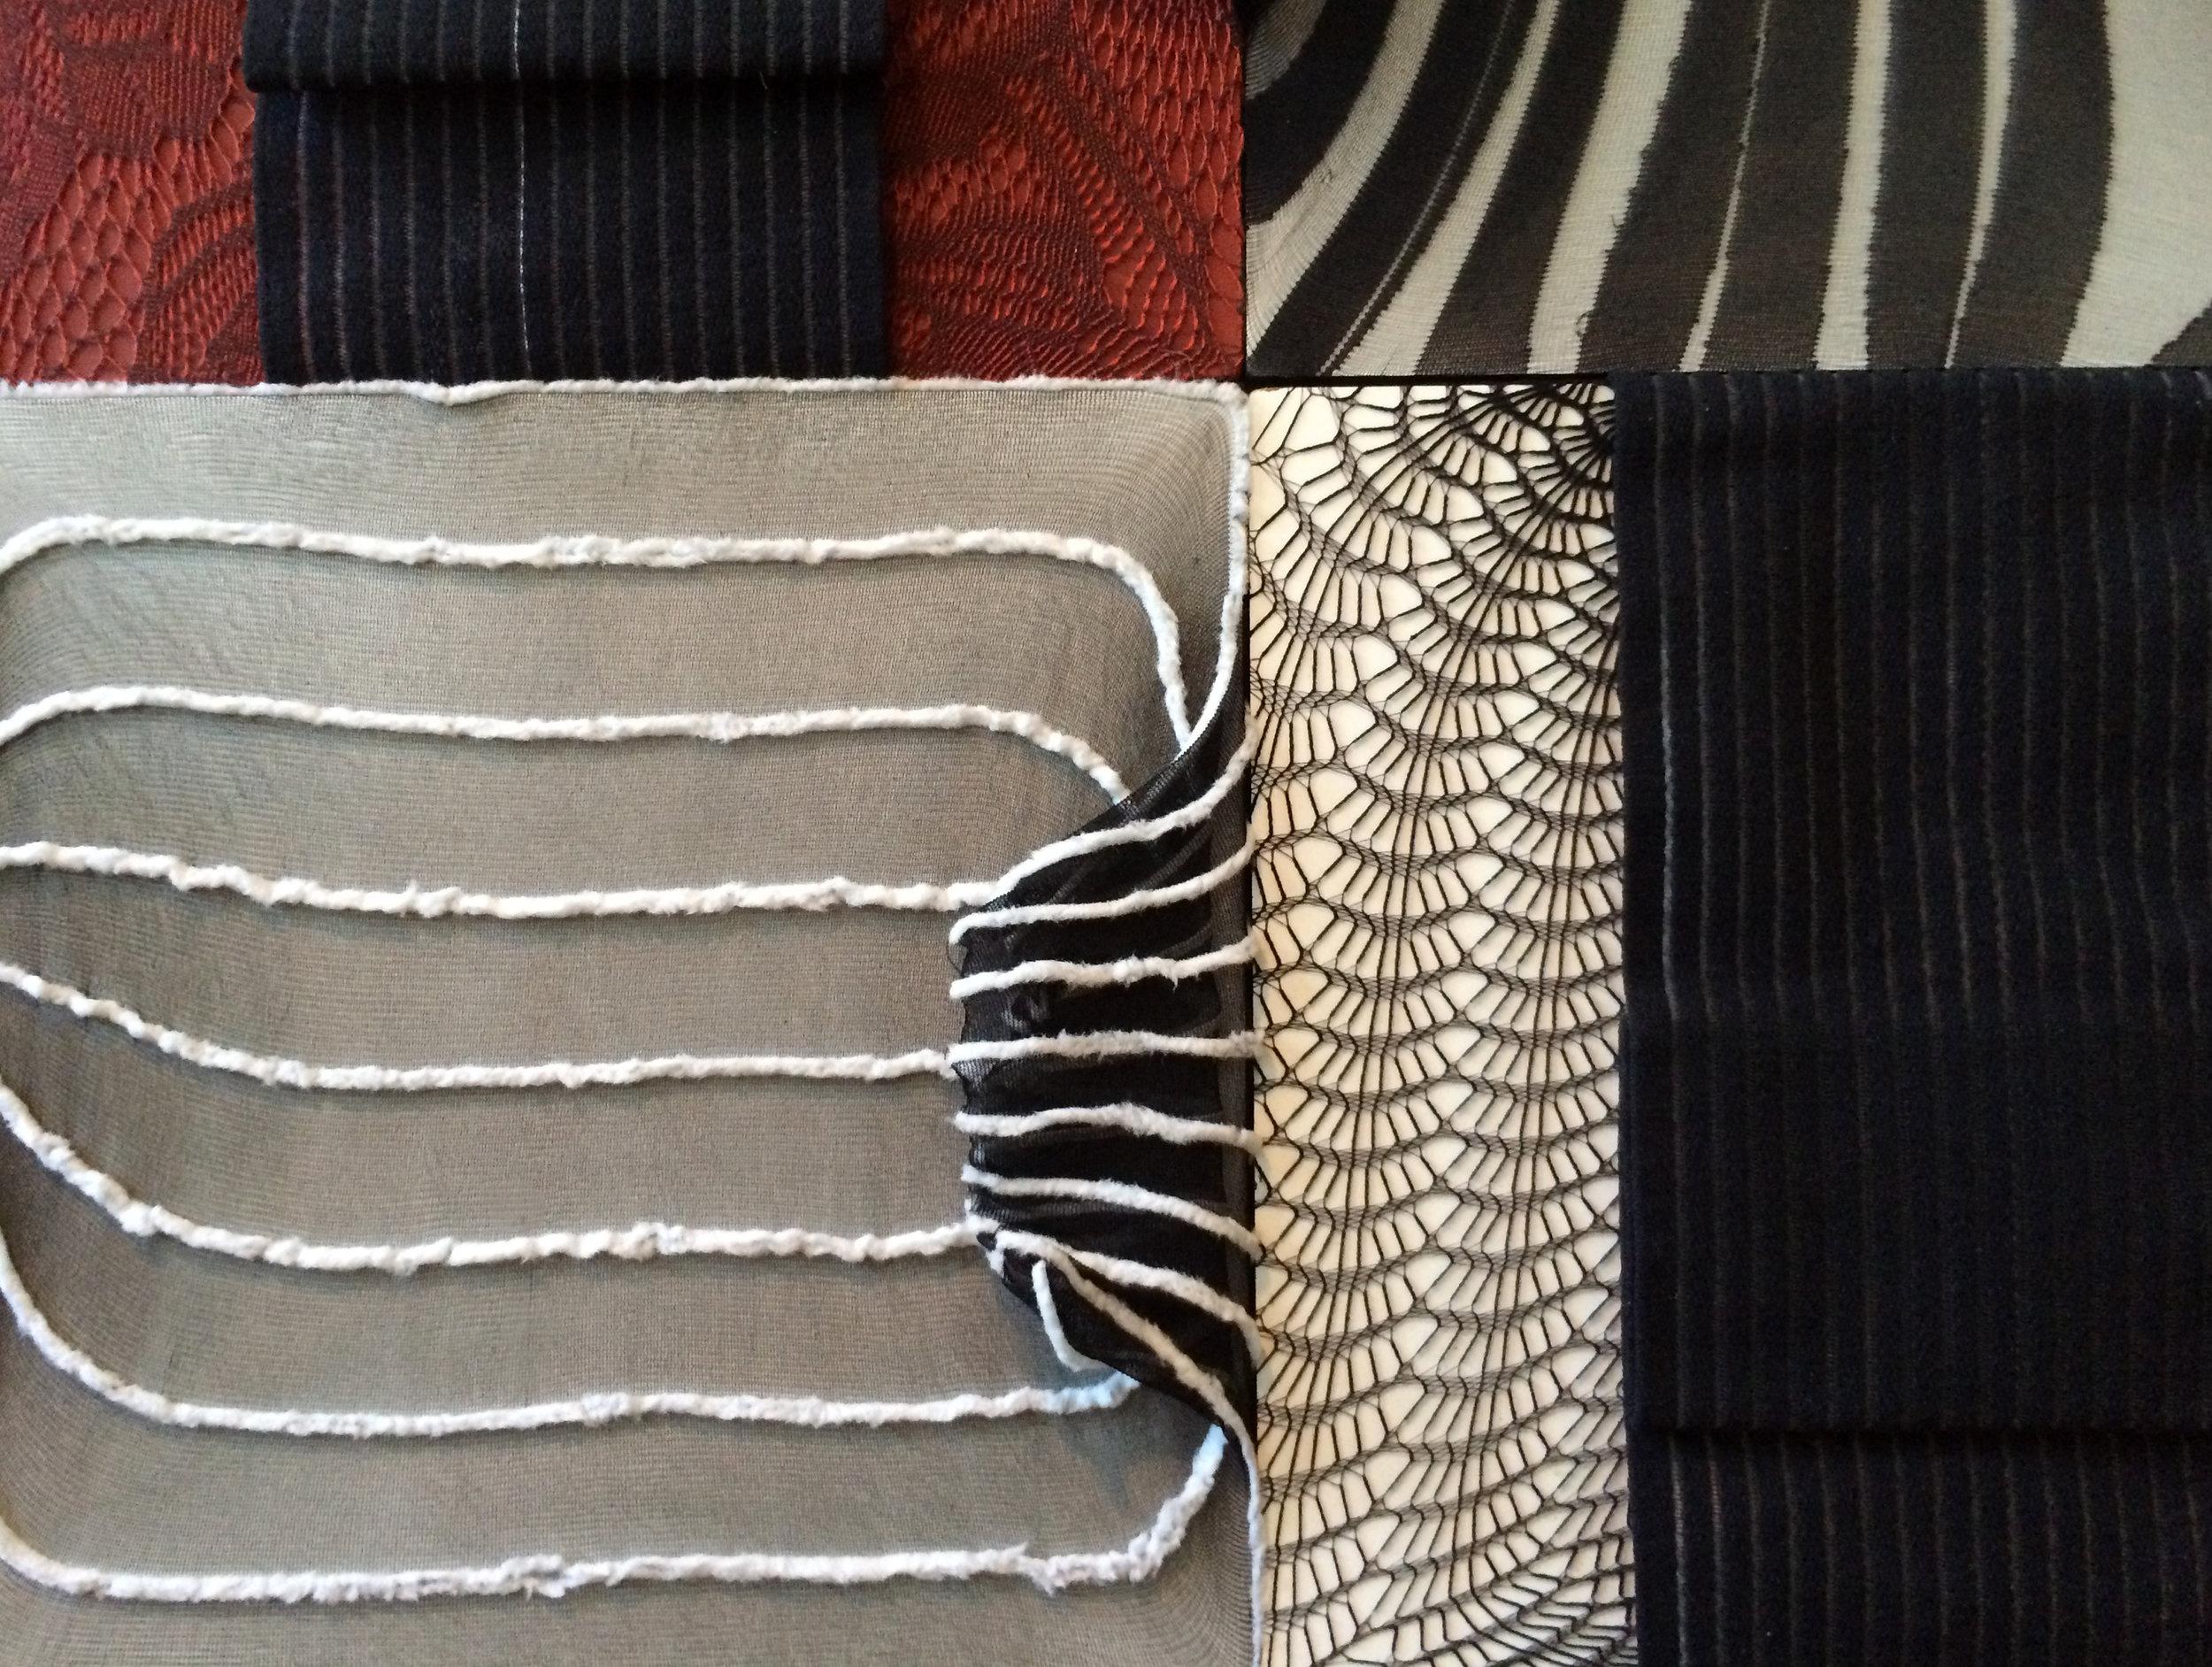 Black Tie (detail)